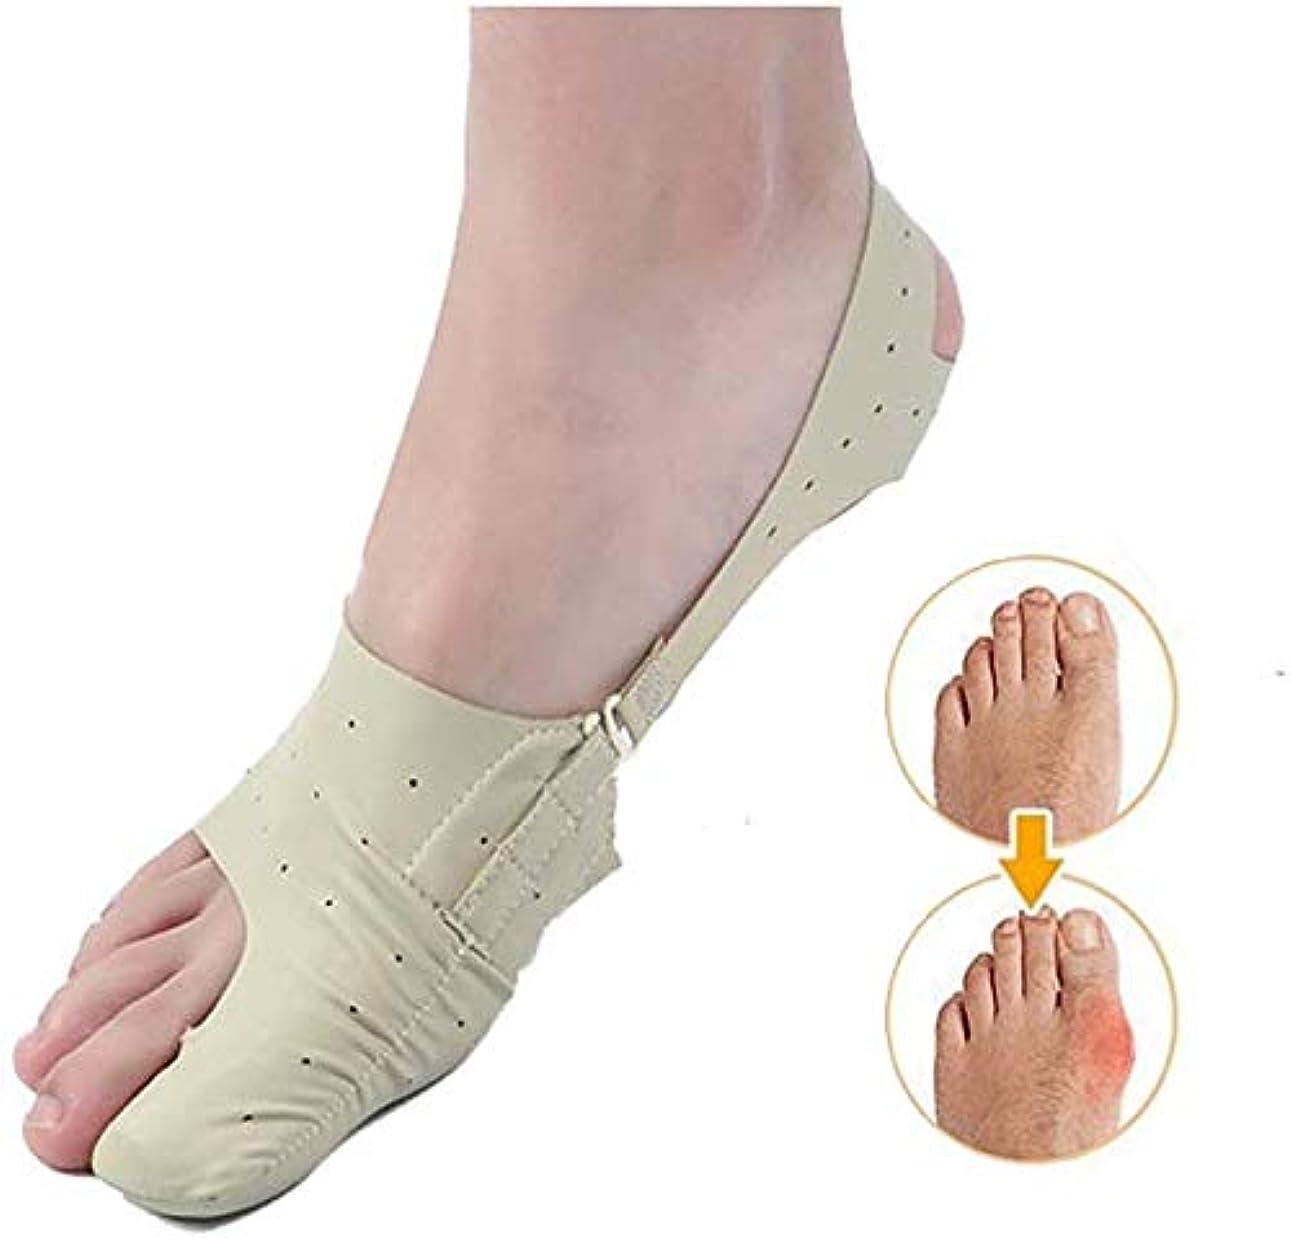 計算可能かもめ骨矯正用足の親指矯正腱膜瘤アライナー合板フットケア装具親指サポート装具昼と夜の腱膜瘤副木プロテクター